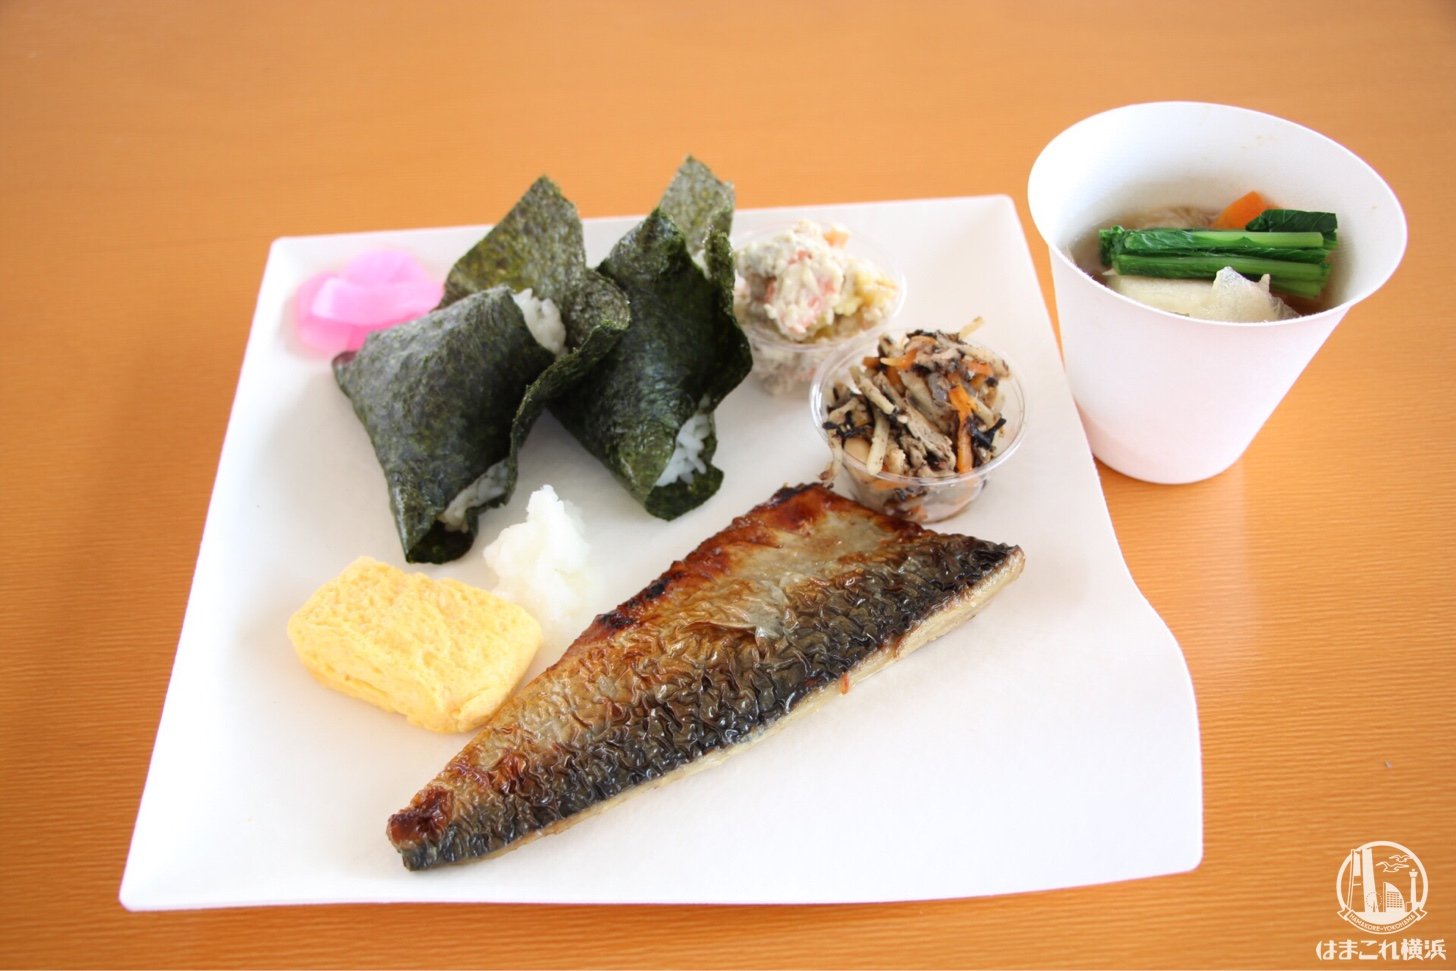 神奈川米を使用したおにぎり朝食